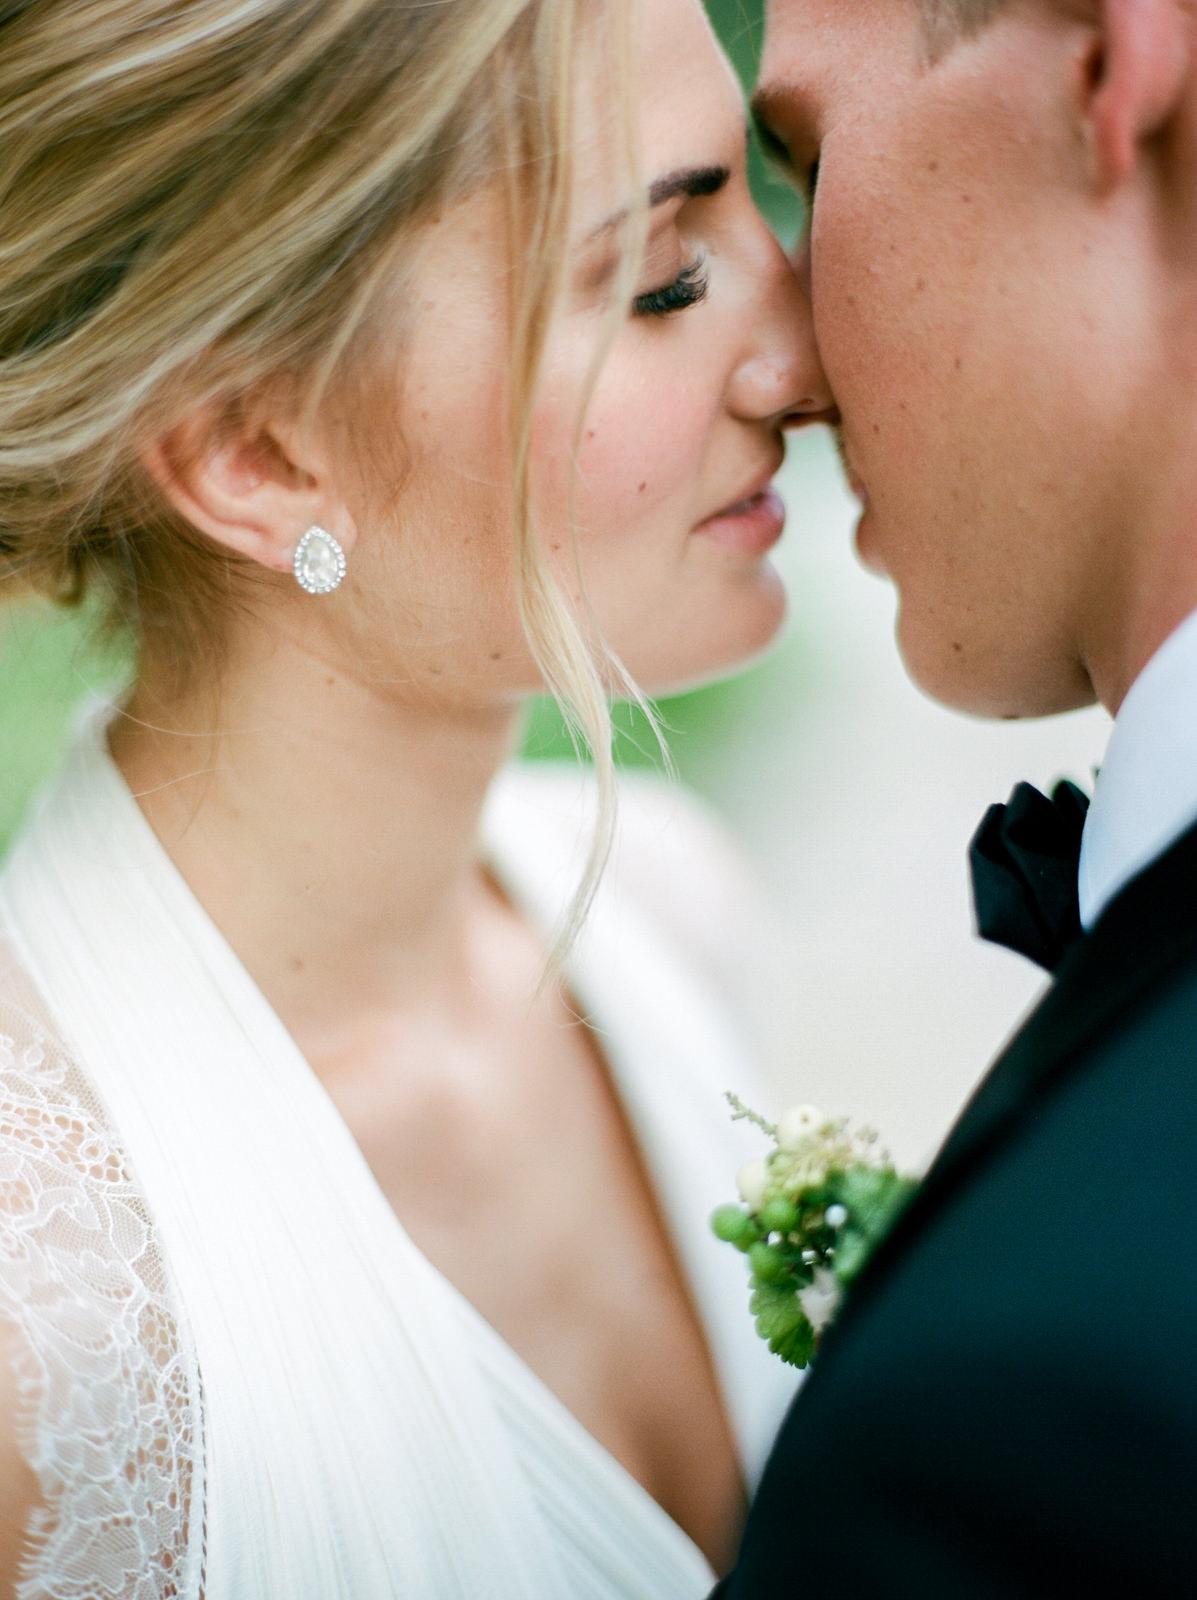 waop_theriftbowral_elopement-0432.jpg